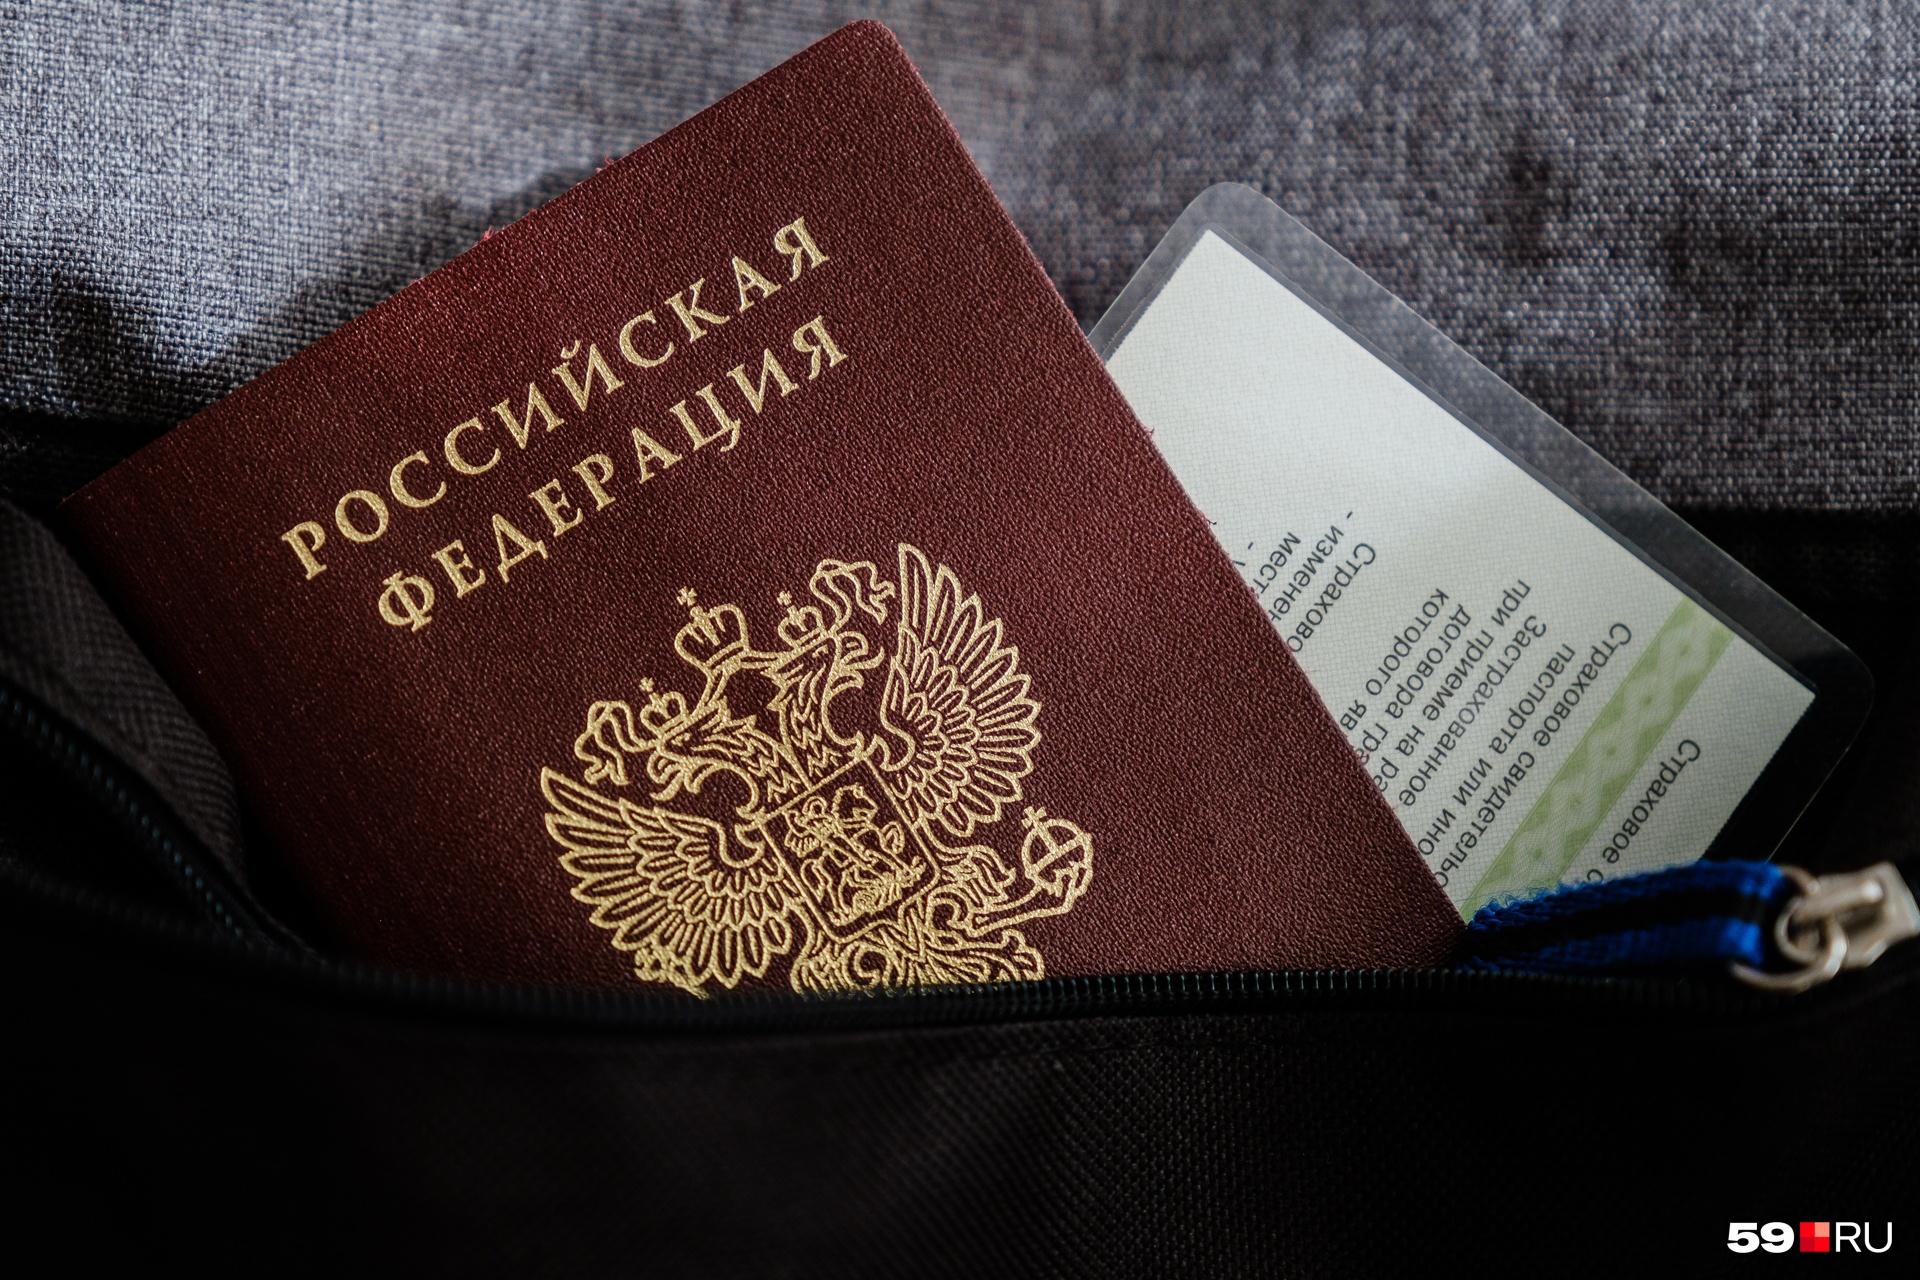 Ваш паспорт не выдадут даже близкому родственнику, только вам, лично в руки